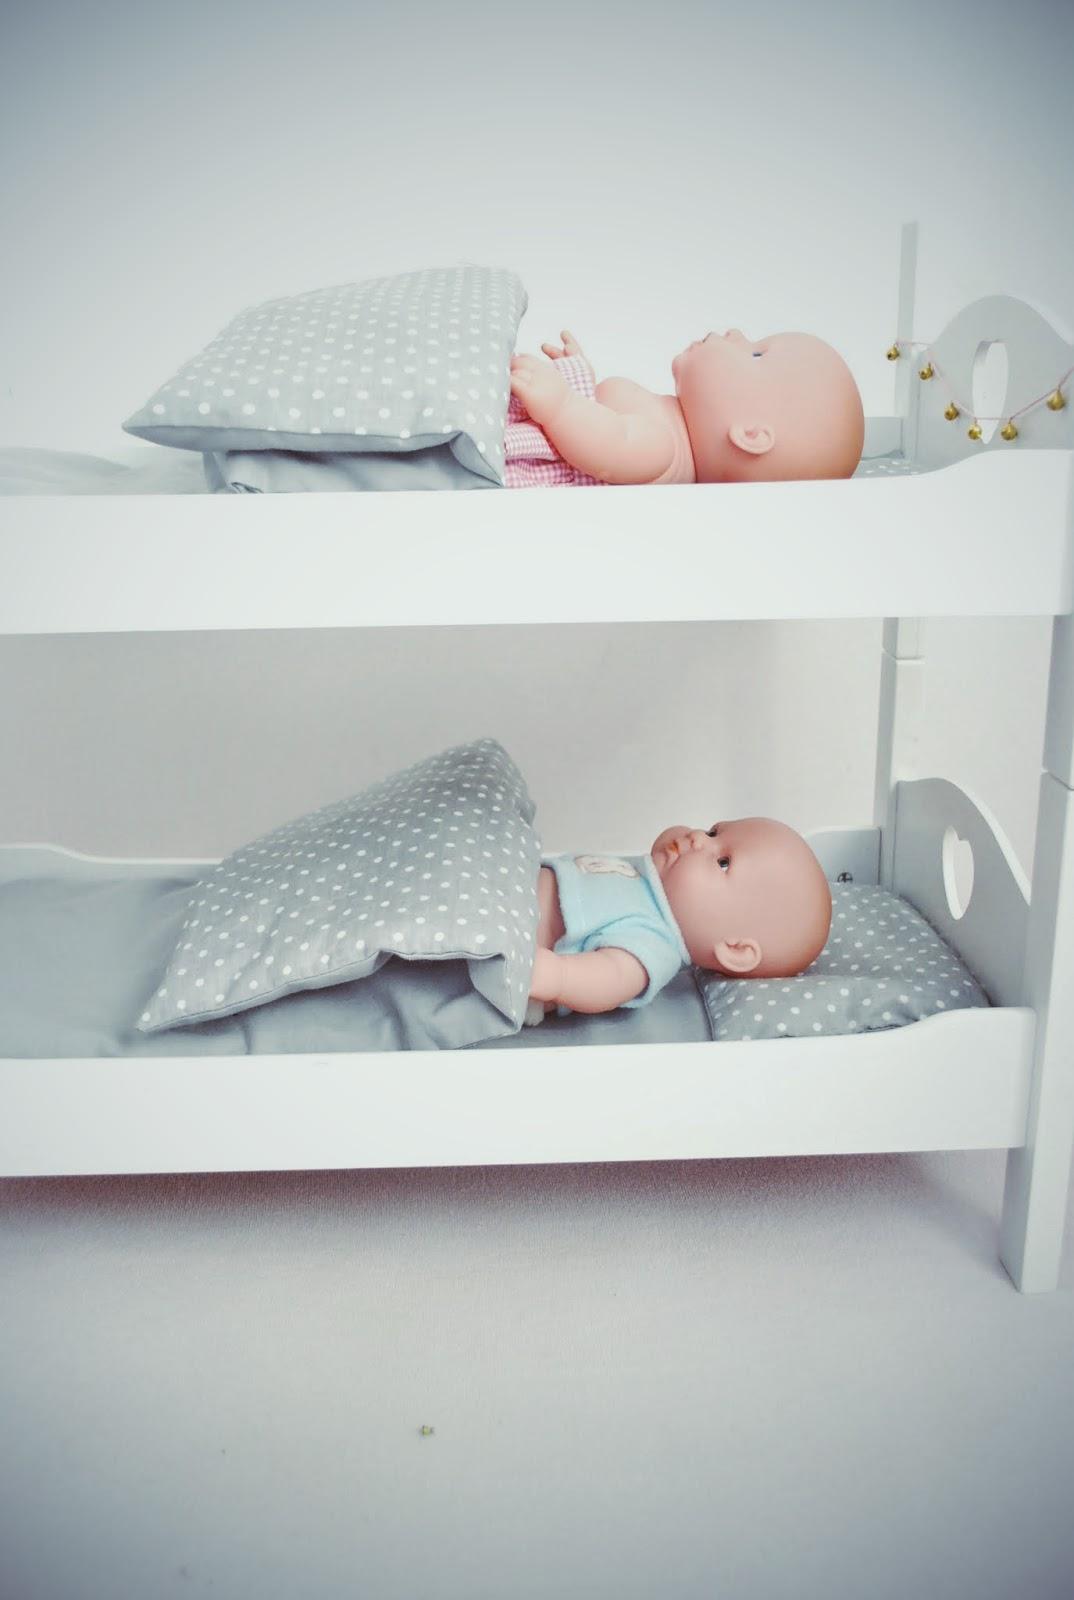 Małe Wilczki, pachnące lalki, bobasy, pachnące bobasy, łóżeczko piętrowe dla lalek, łóżeczko podwójne dla lalek, łóżeczko dla lalek, pościel dla lalek, mimbla, girlanda numero 74, girlanda z dzwoneczków